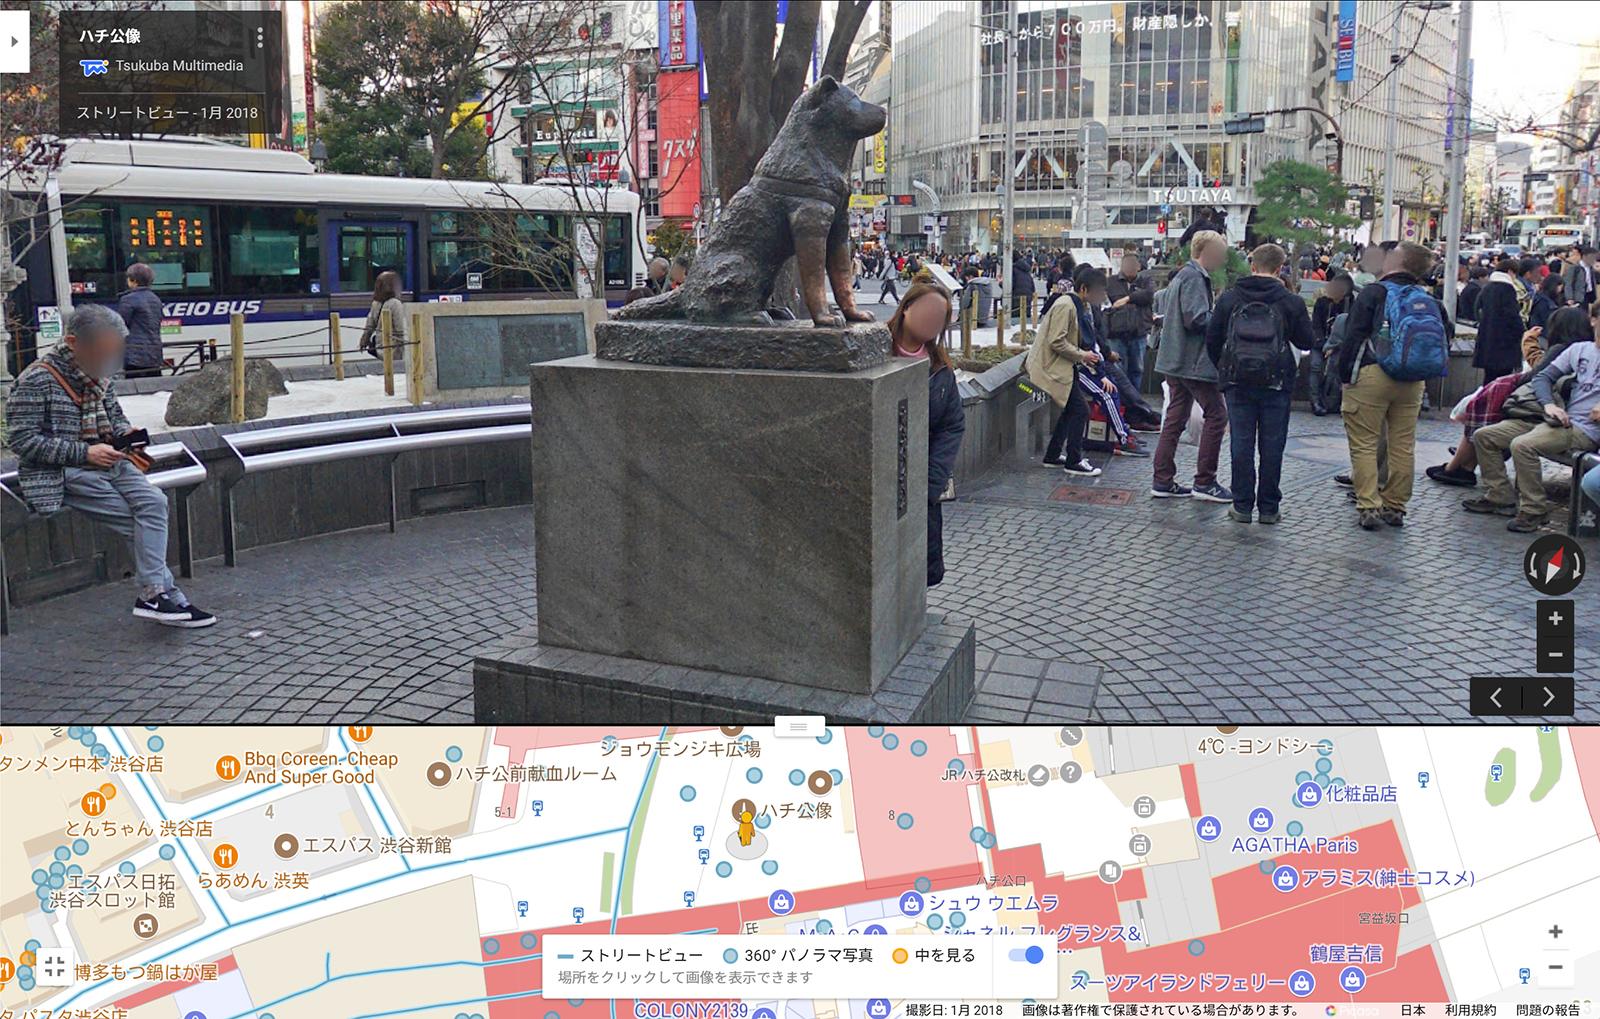 渋谷駅側からのハチ公前広場のストリートビュー写真1